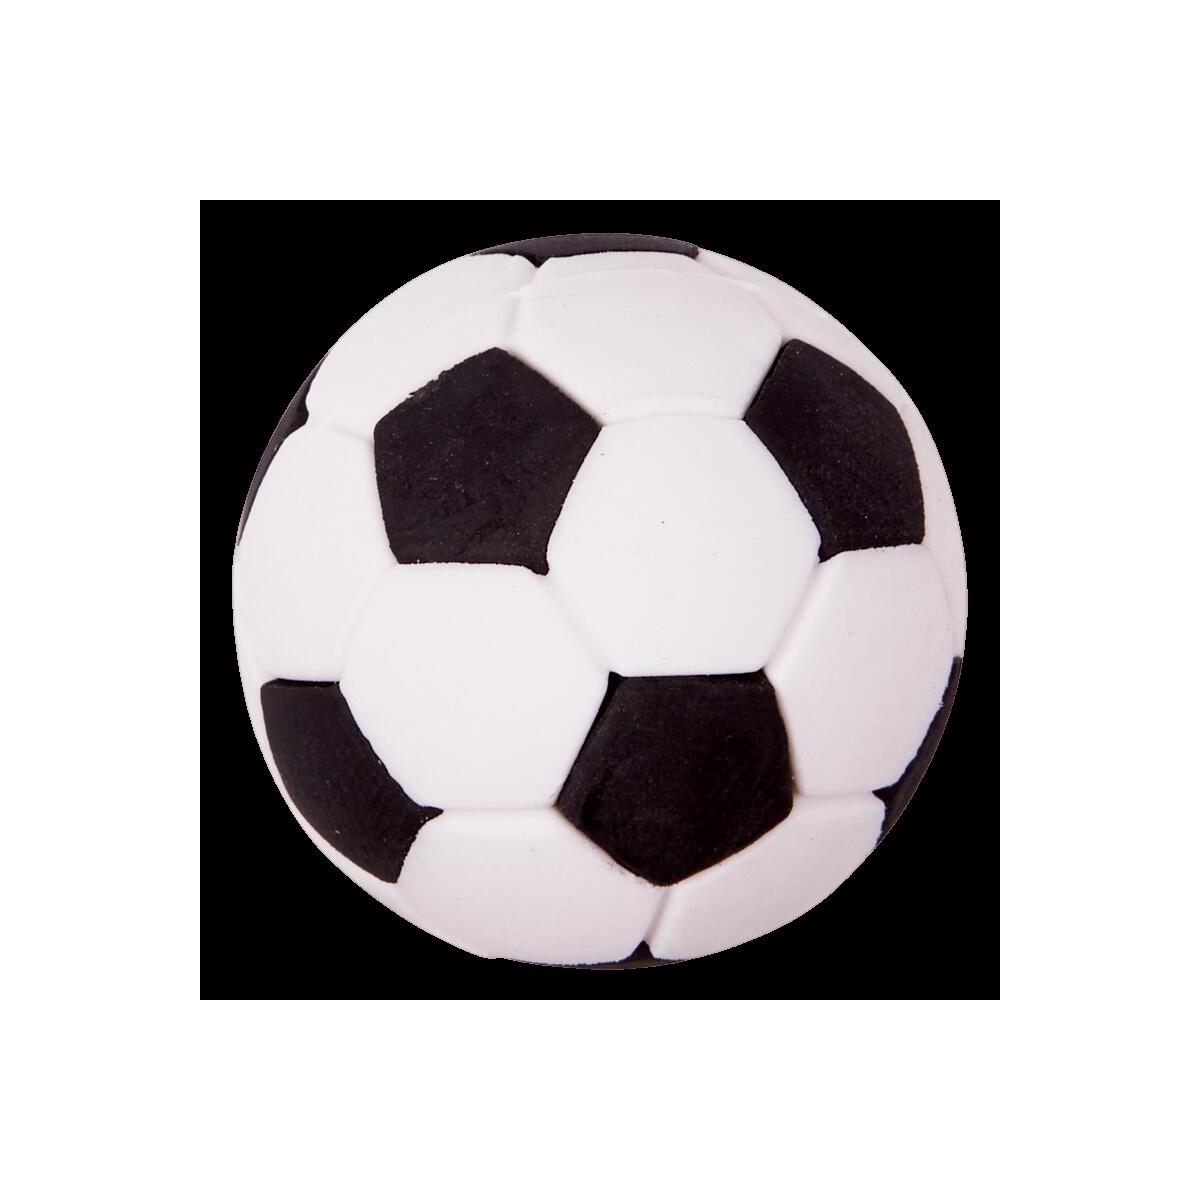 Viskelæder, lille fodbold